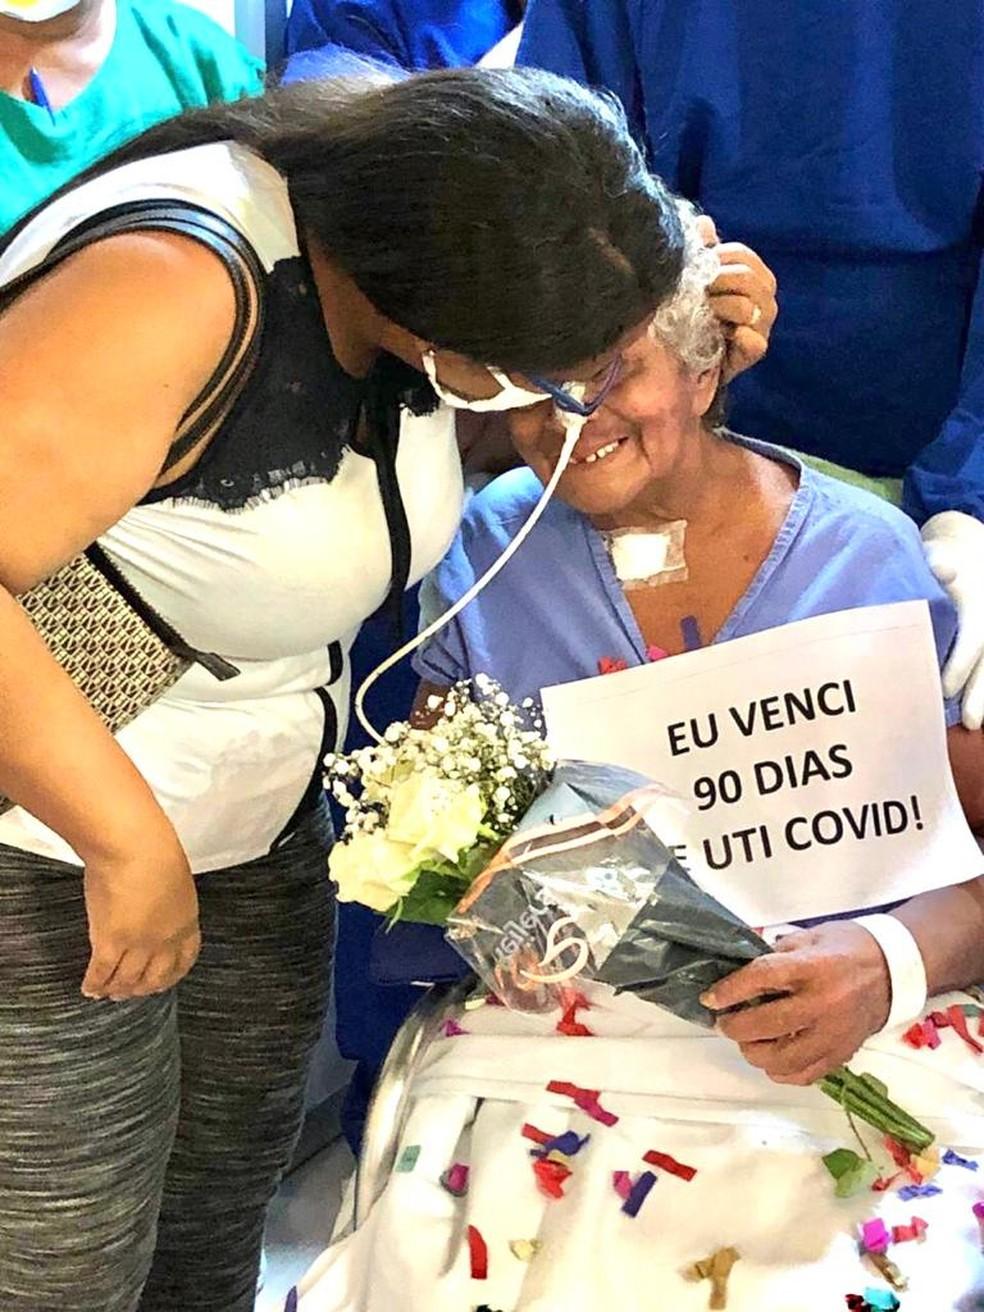 Luzia Angelita Costa recebeu alta da Covid-19 após 90 dias internada no Hospital Universitário, em São Luís — Foto: Divulgação/HUUFMA